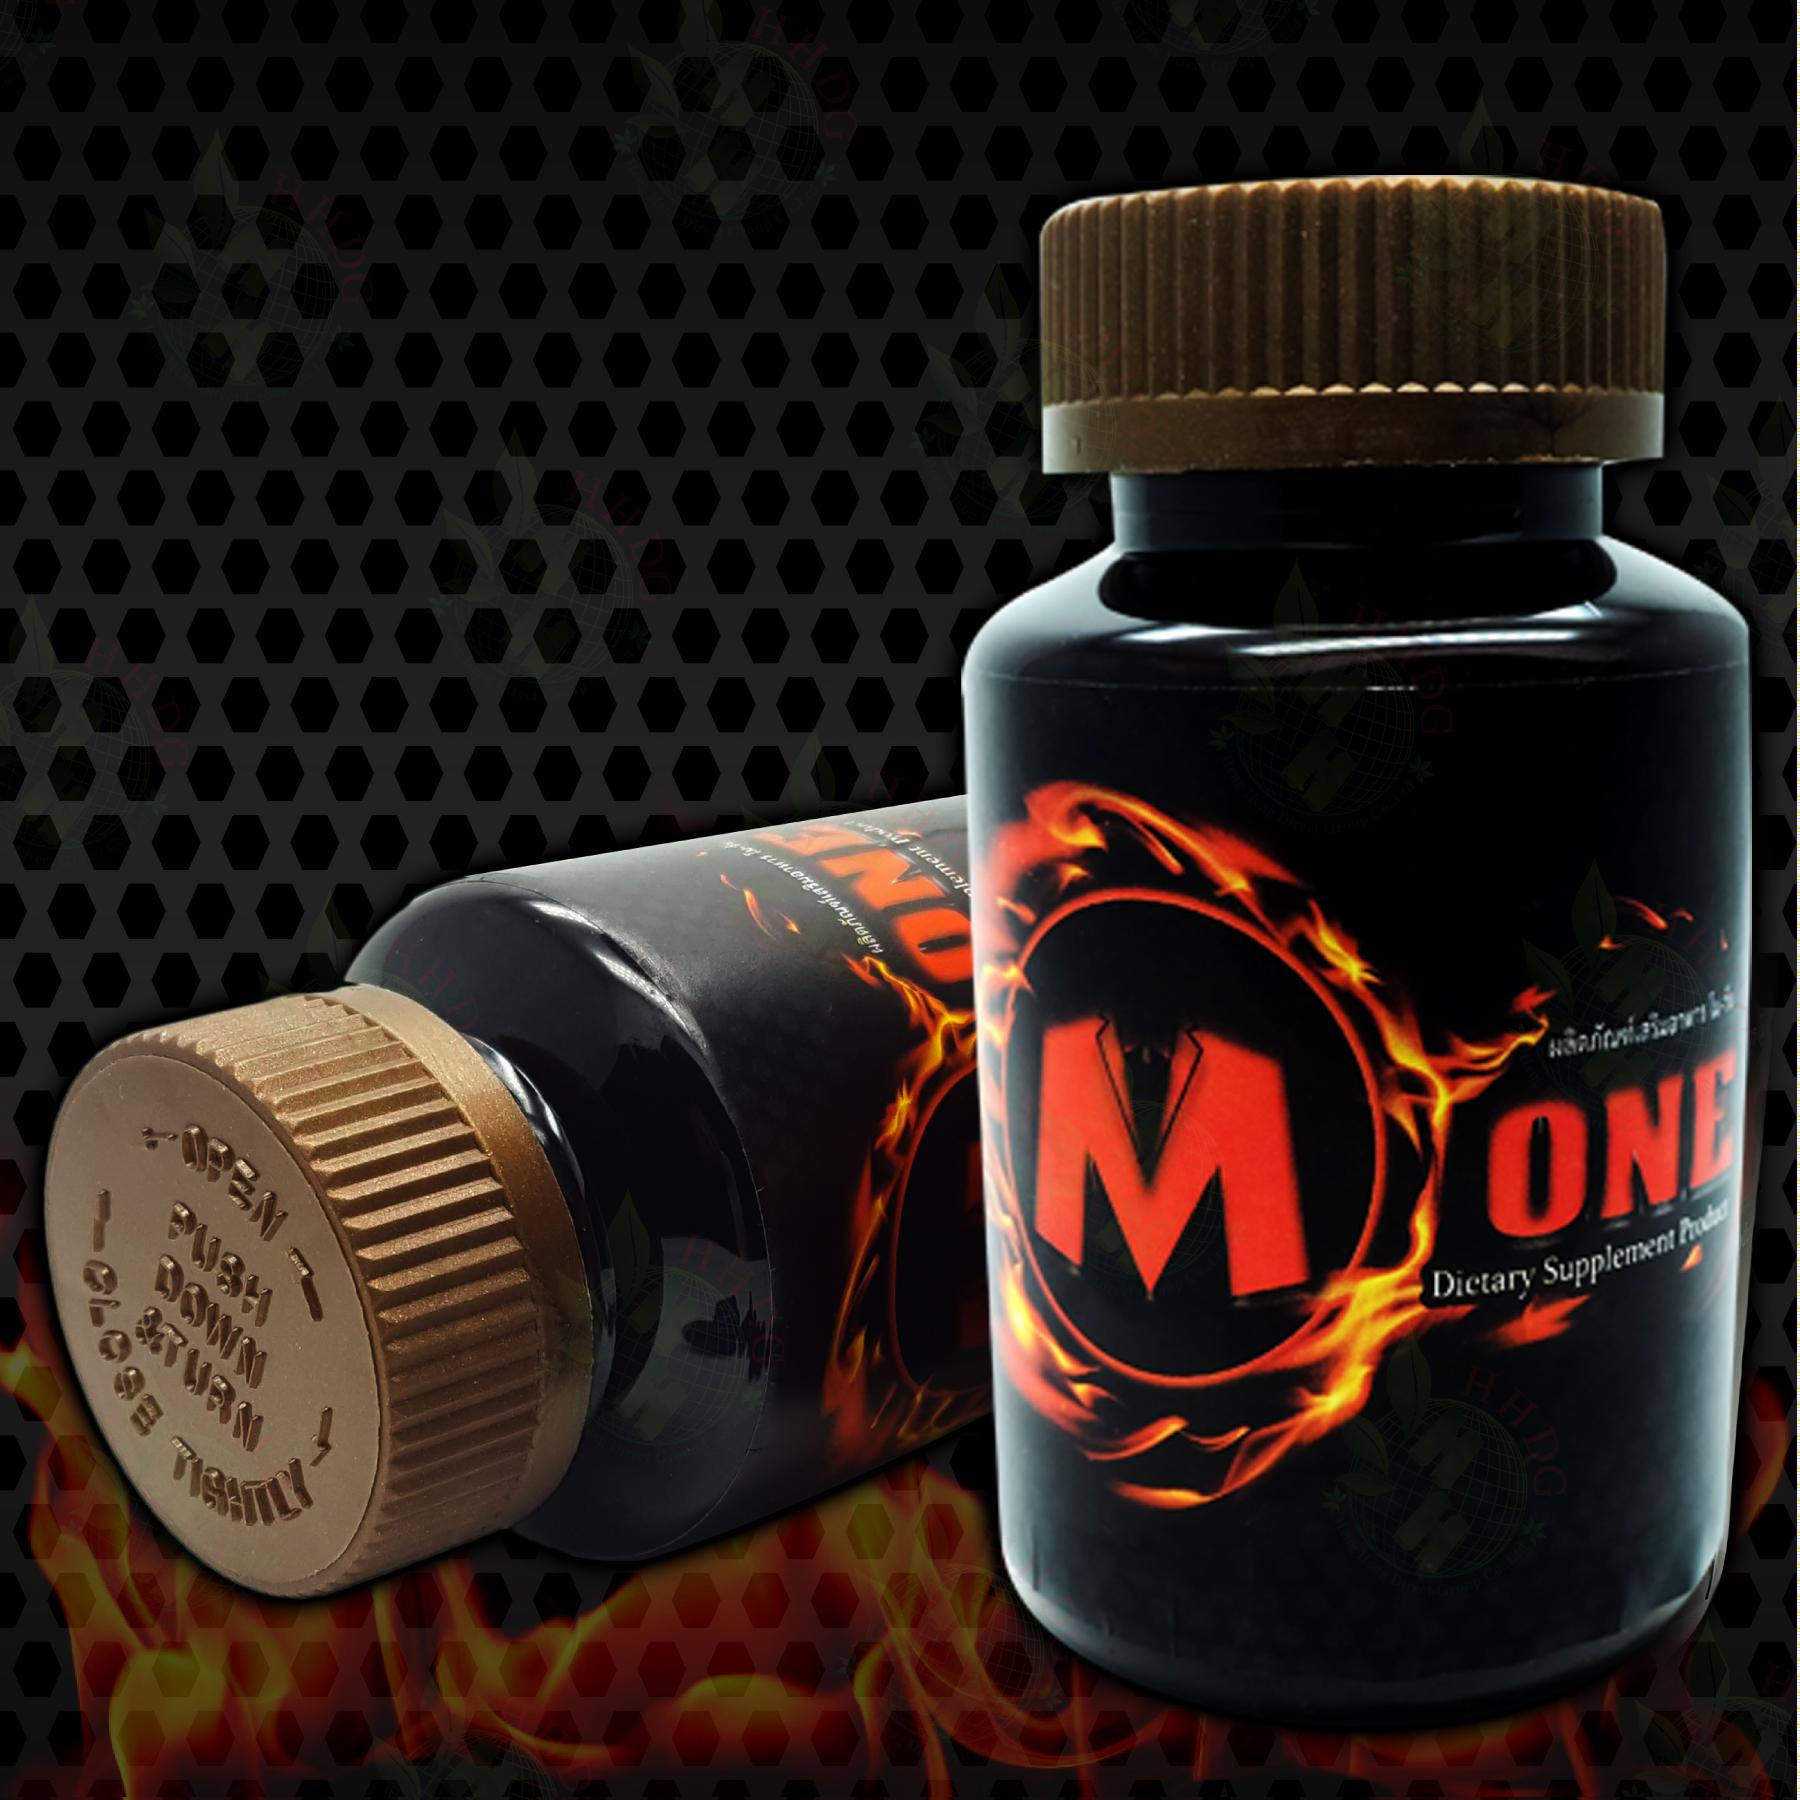 ผลิตภัณฑ์เสริมอาหาร Mo-one จำนวน 6 กระปุกมี 60 แคปซูล